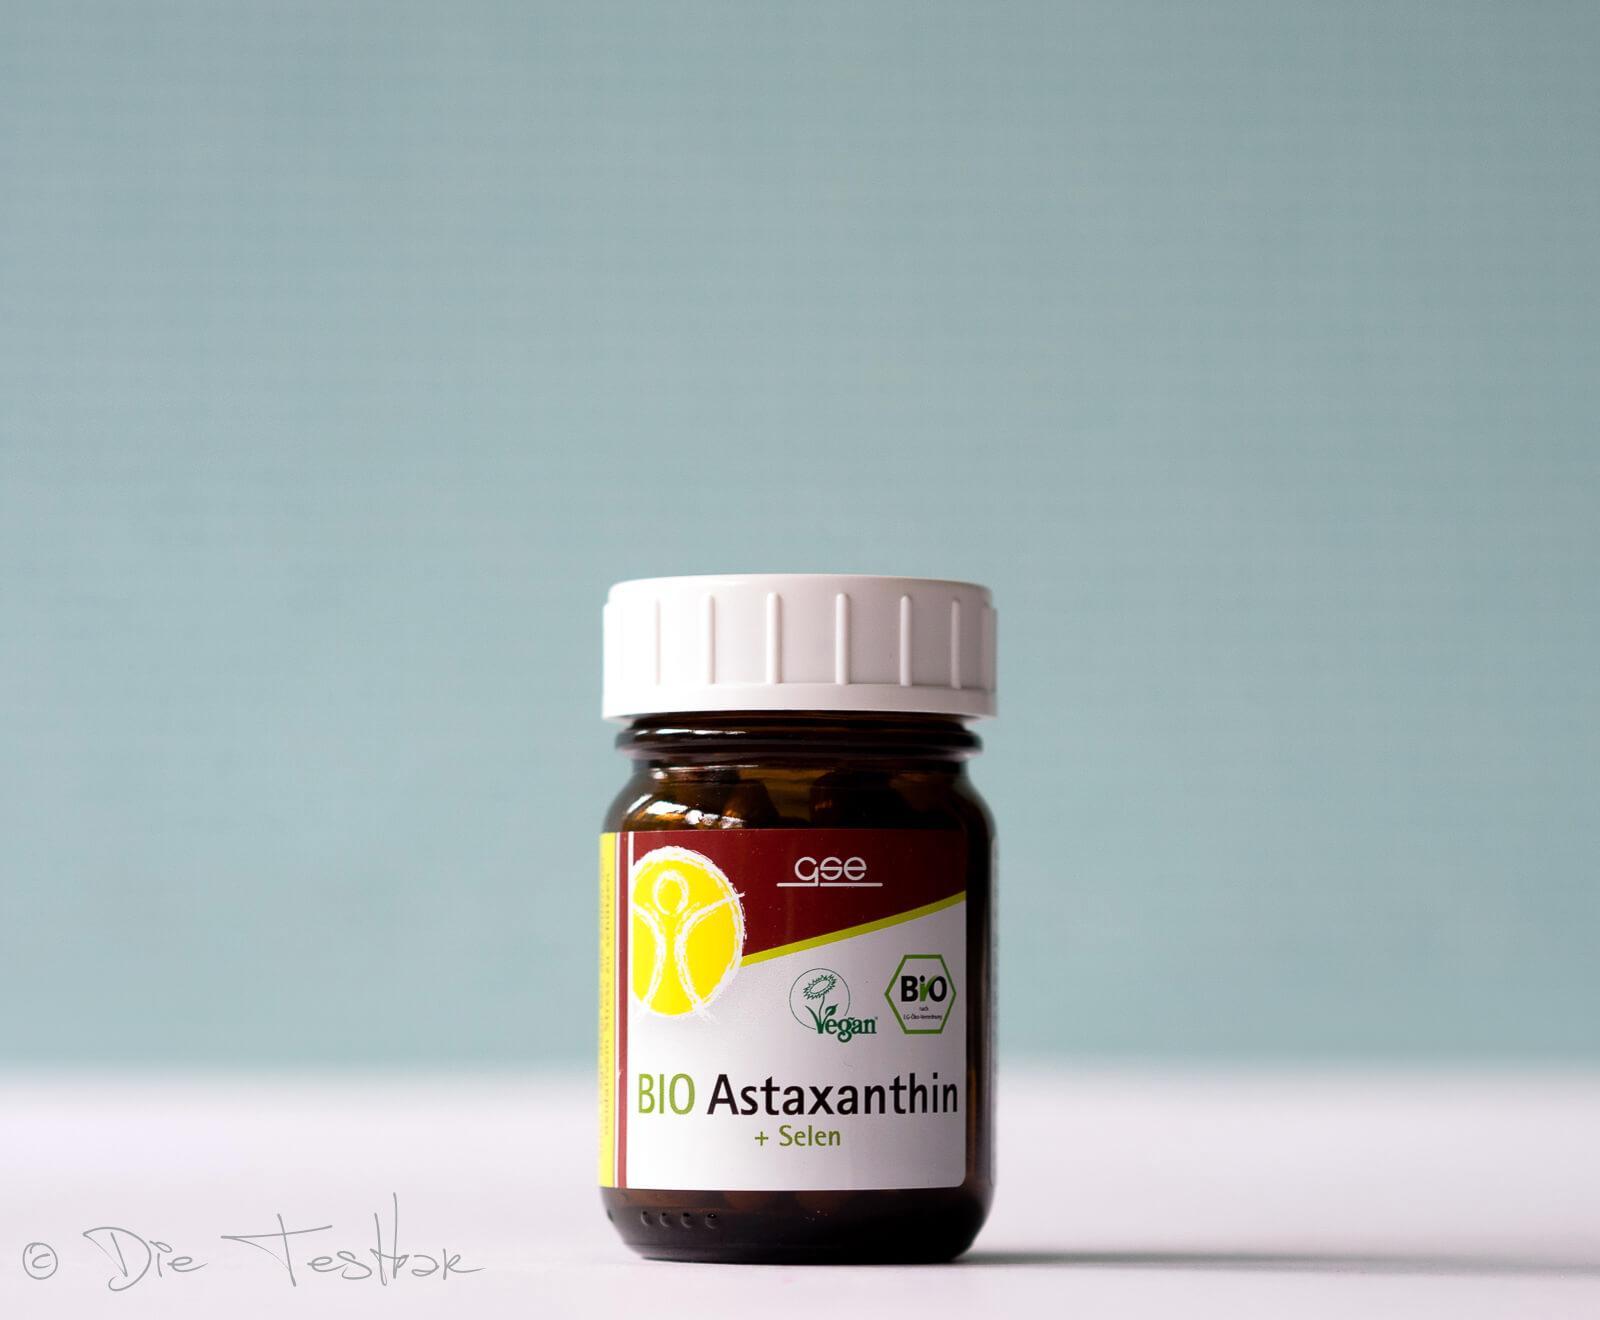 Astaxanthin + Selen (bio)